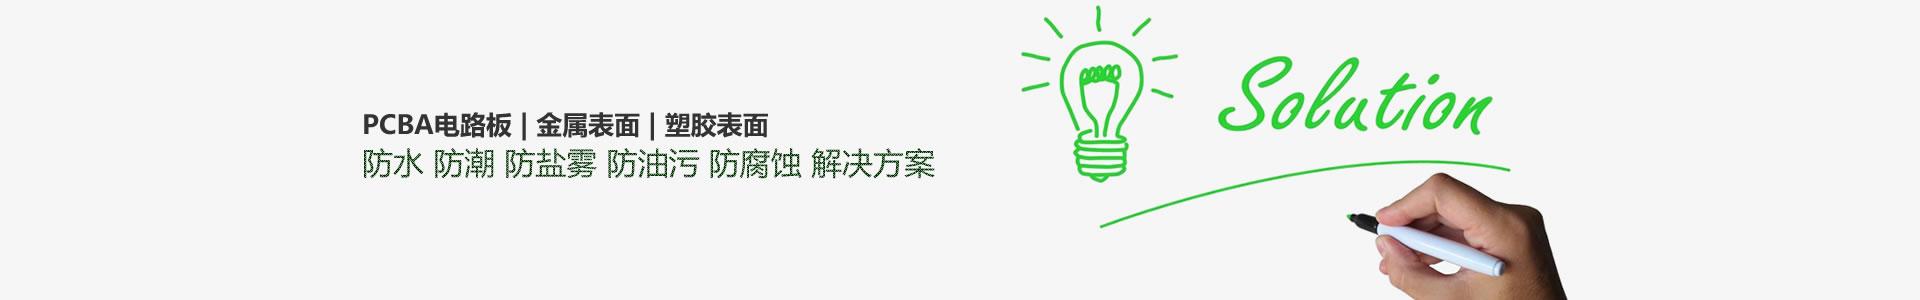 安防及照明